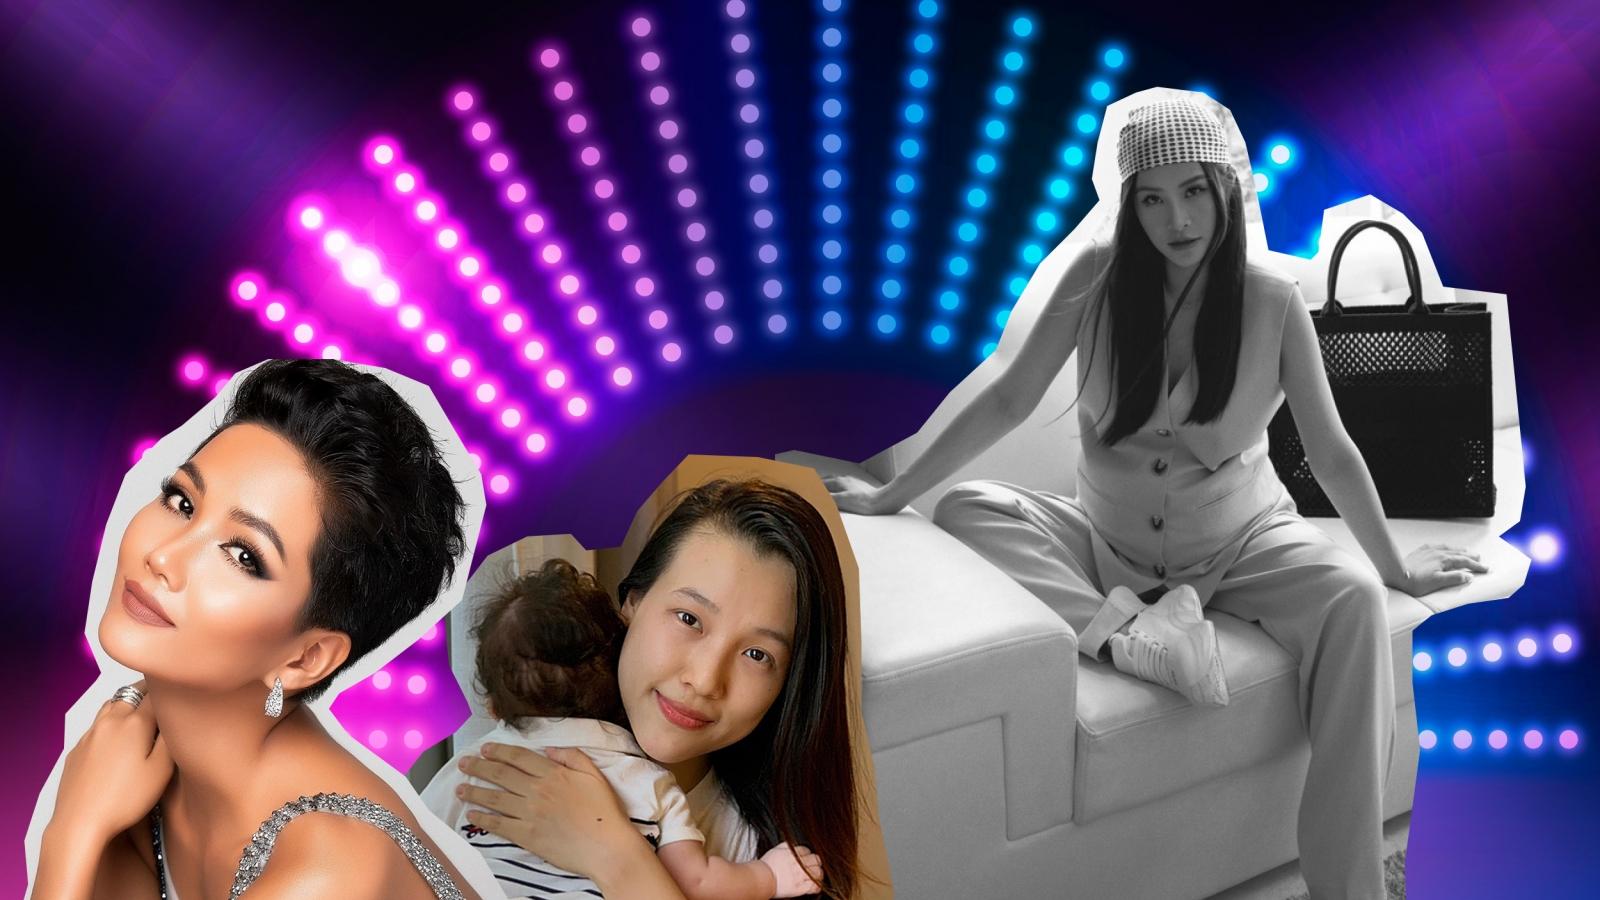 Chuyện showbiz: Hoa hậu H'Hen Niê xác nhận chia tay người yêu